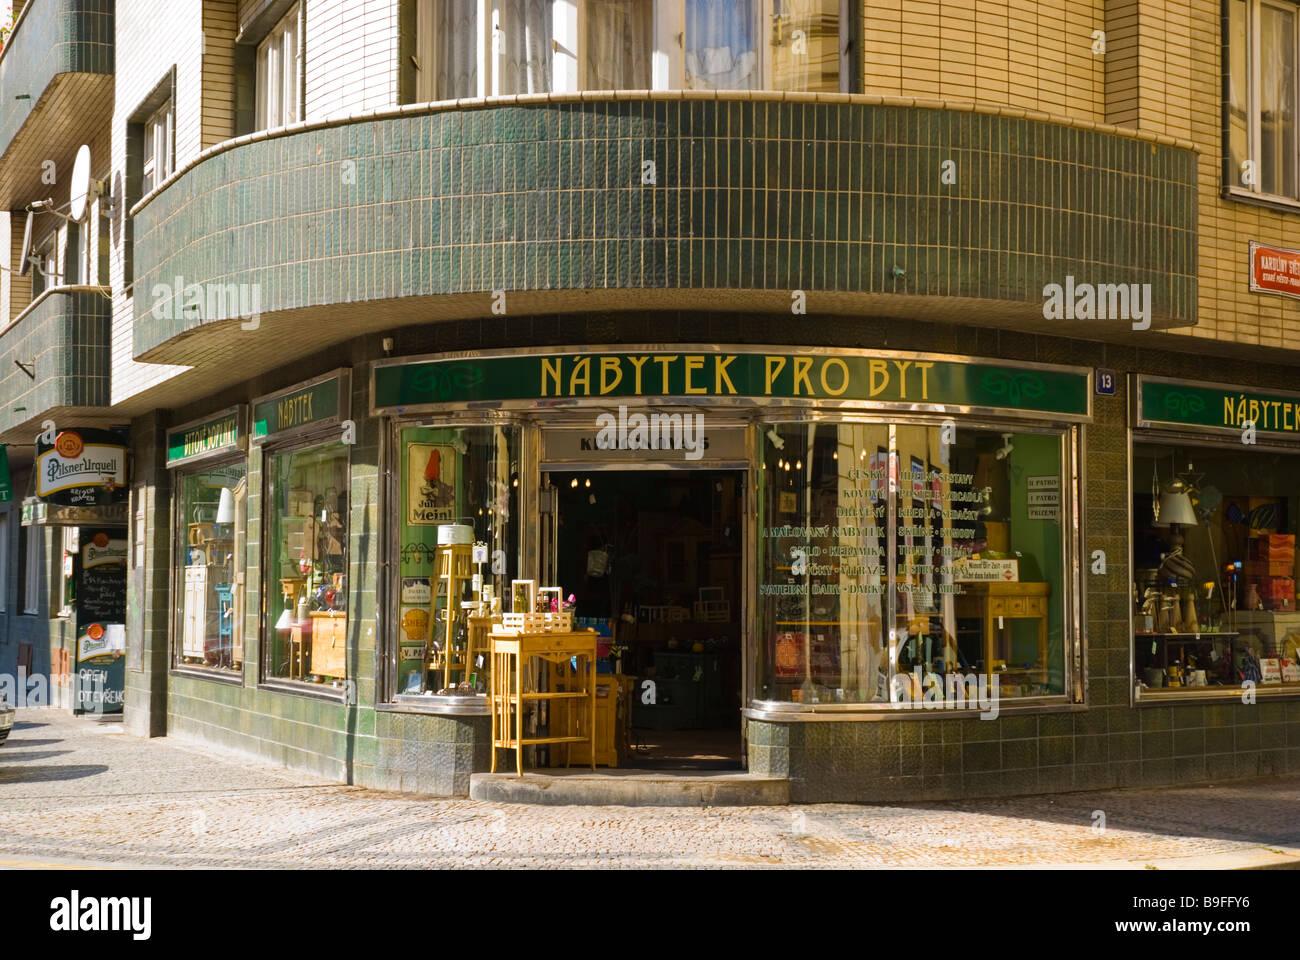 Furniture Shop In Old Town Prague Czech Republic Europe